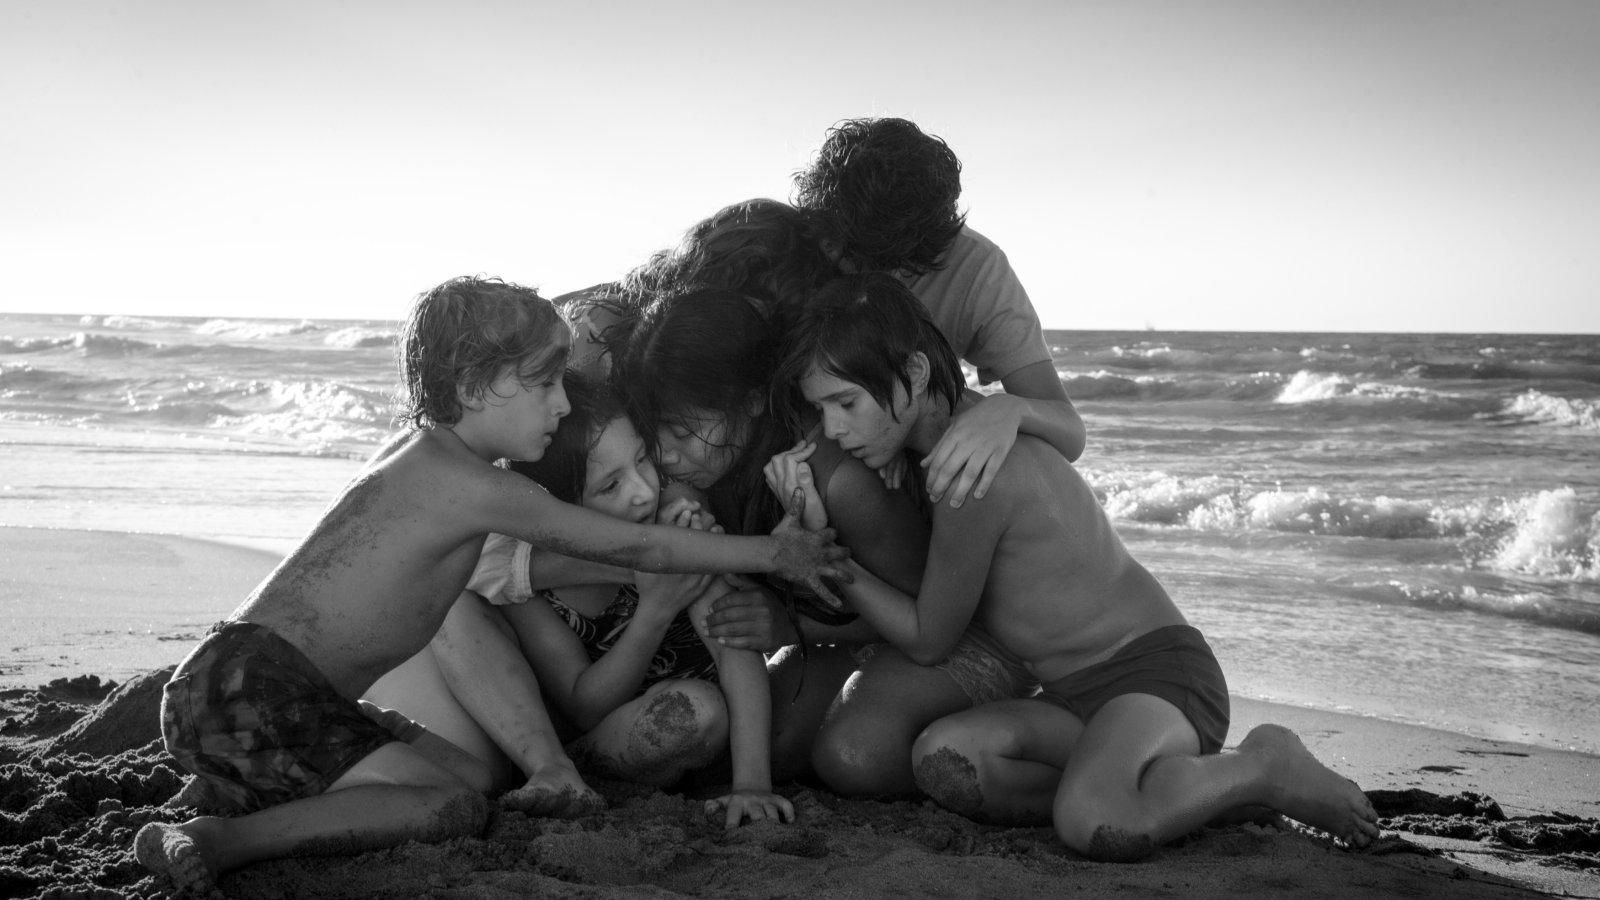 剑指奥斯卡,阿方索·卡隆执导电影《罗马》放出全新预告